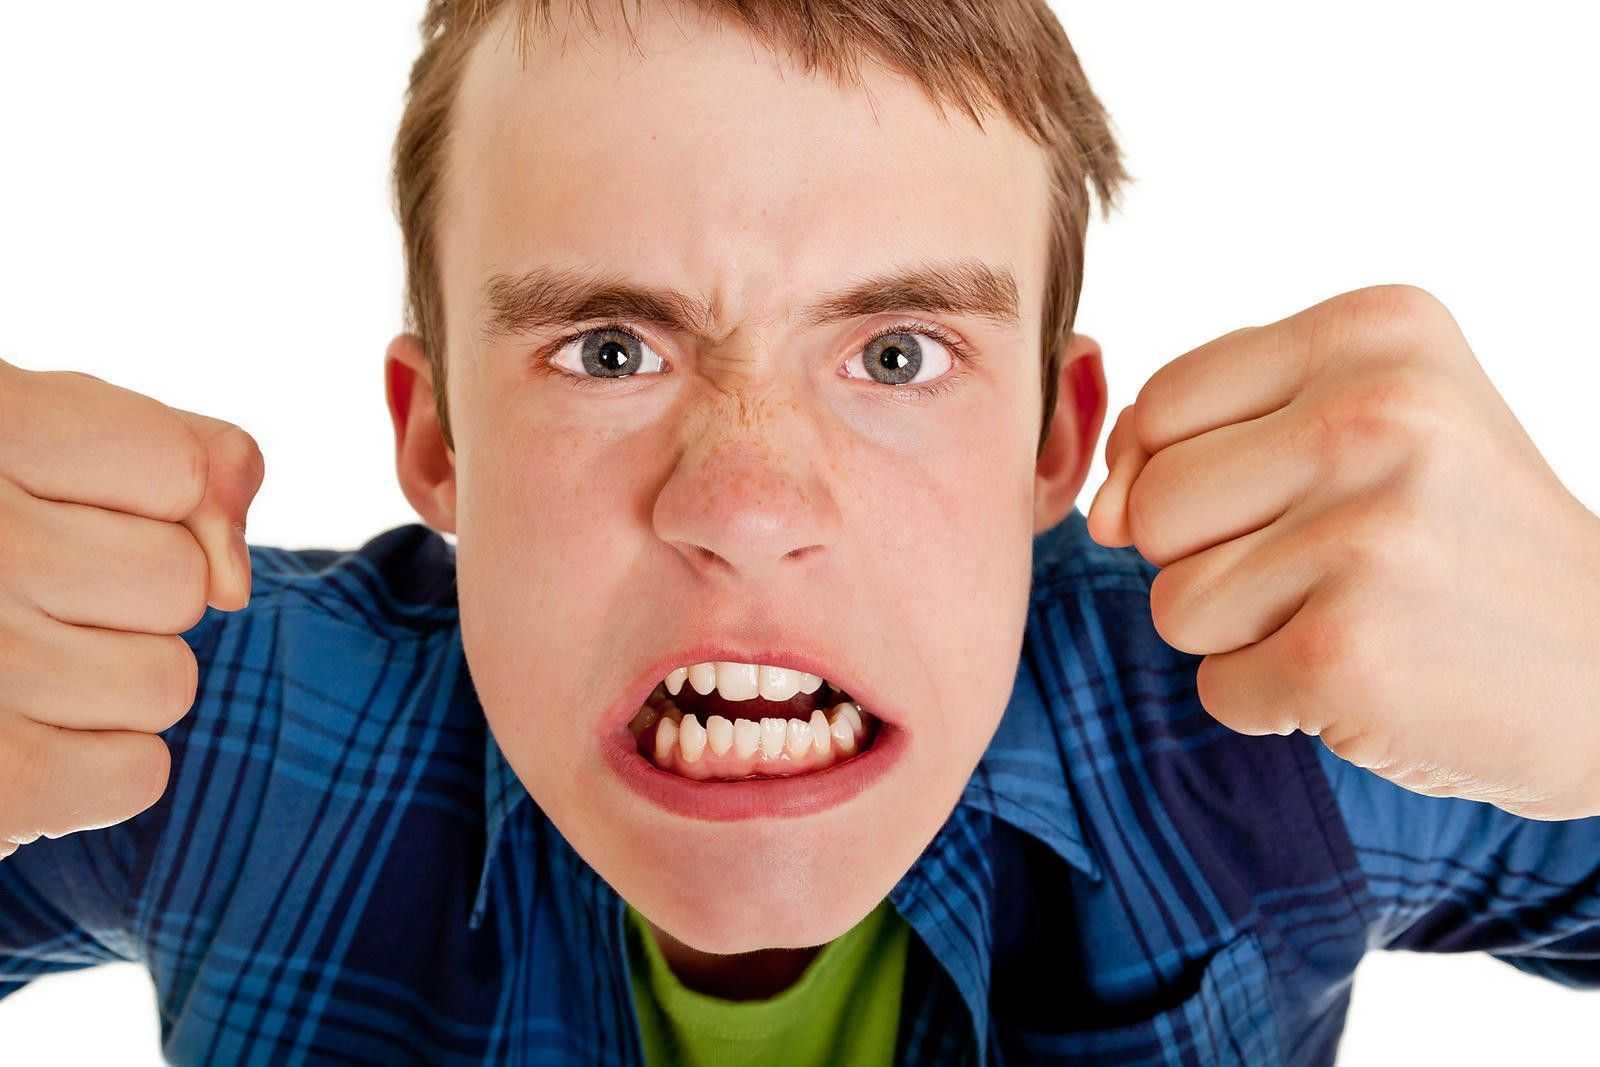 склонность к агрессии